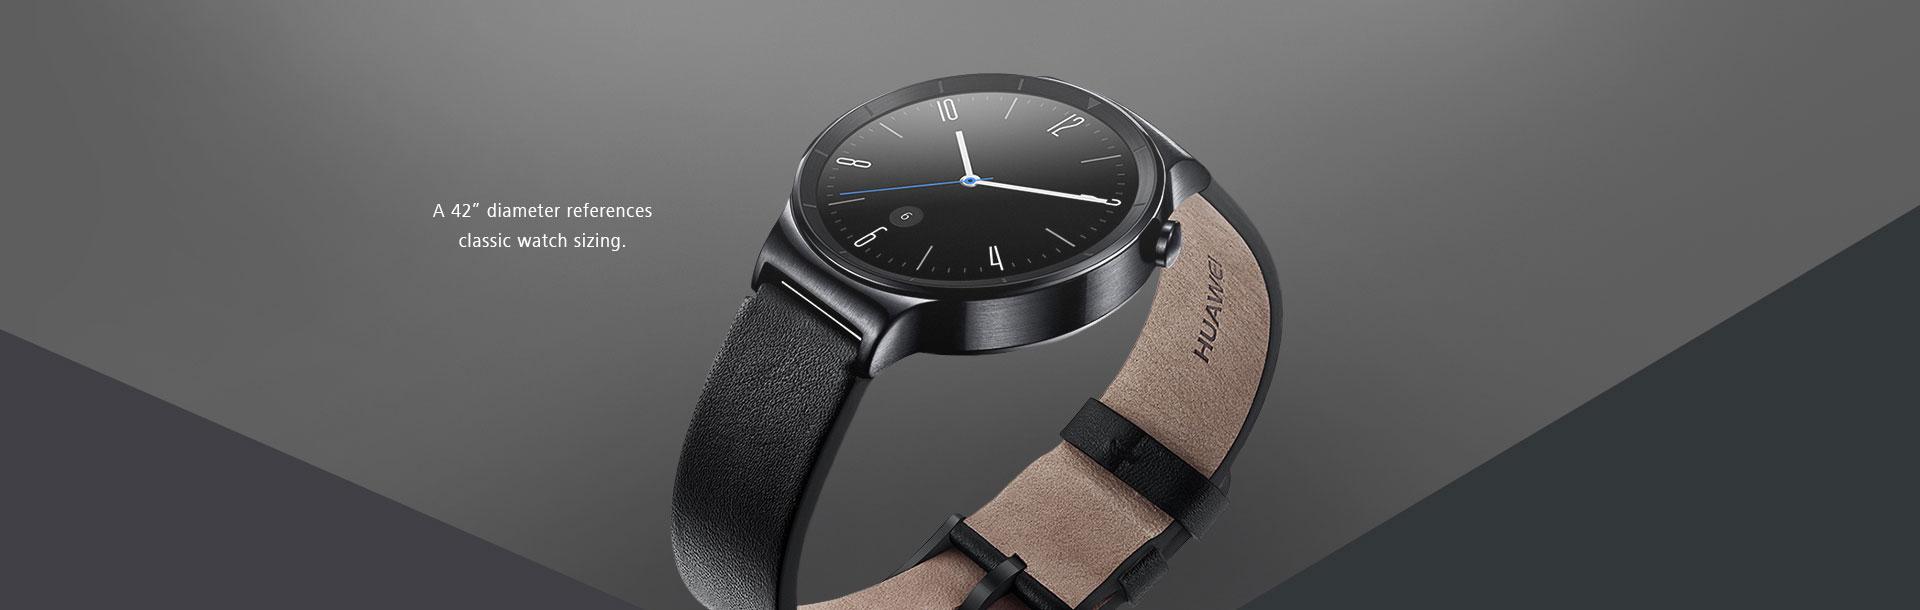 huawei-watch_01